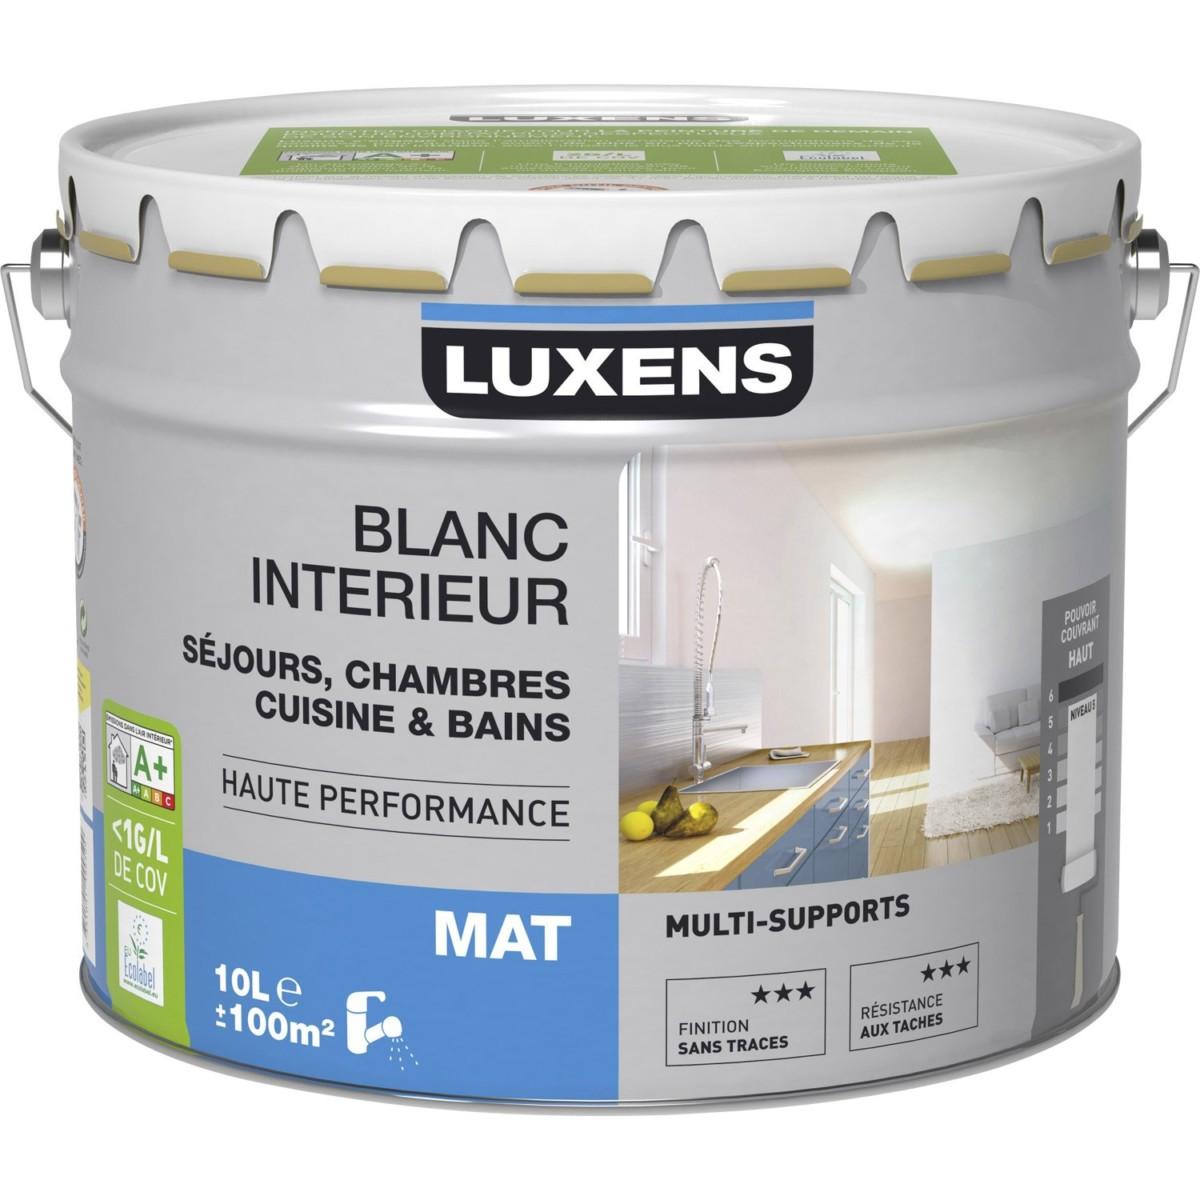 Peinture multisupport LUXENS, mat, 10L |